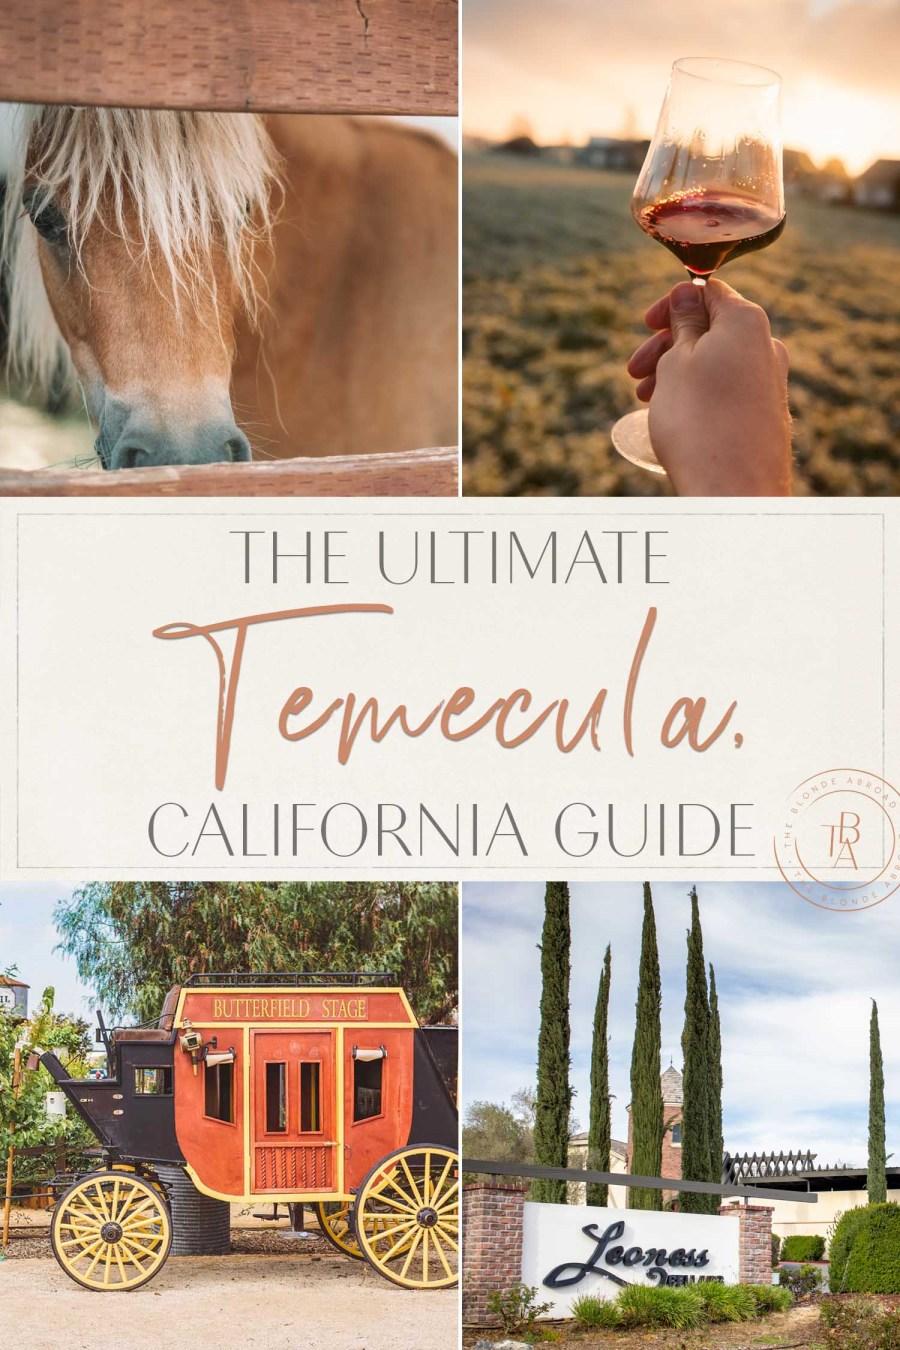 Temecula California Guide